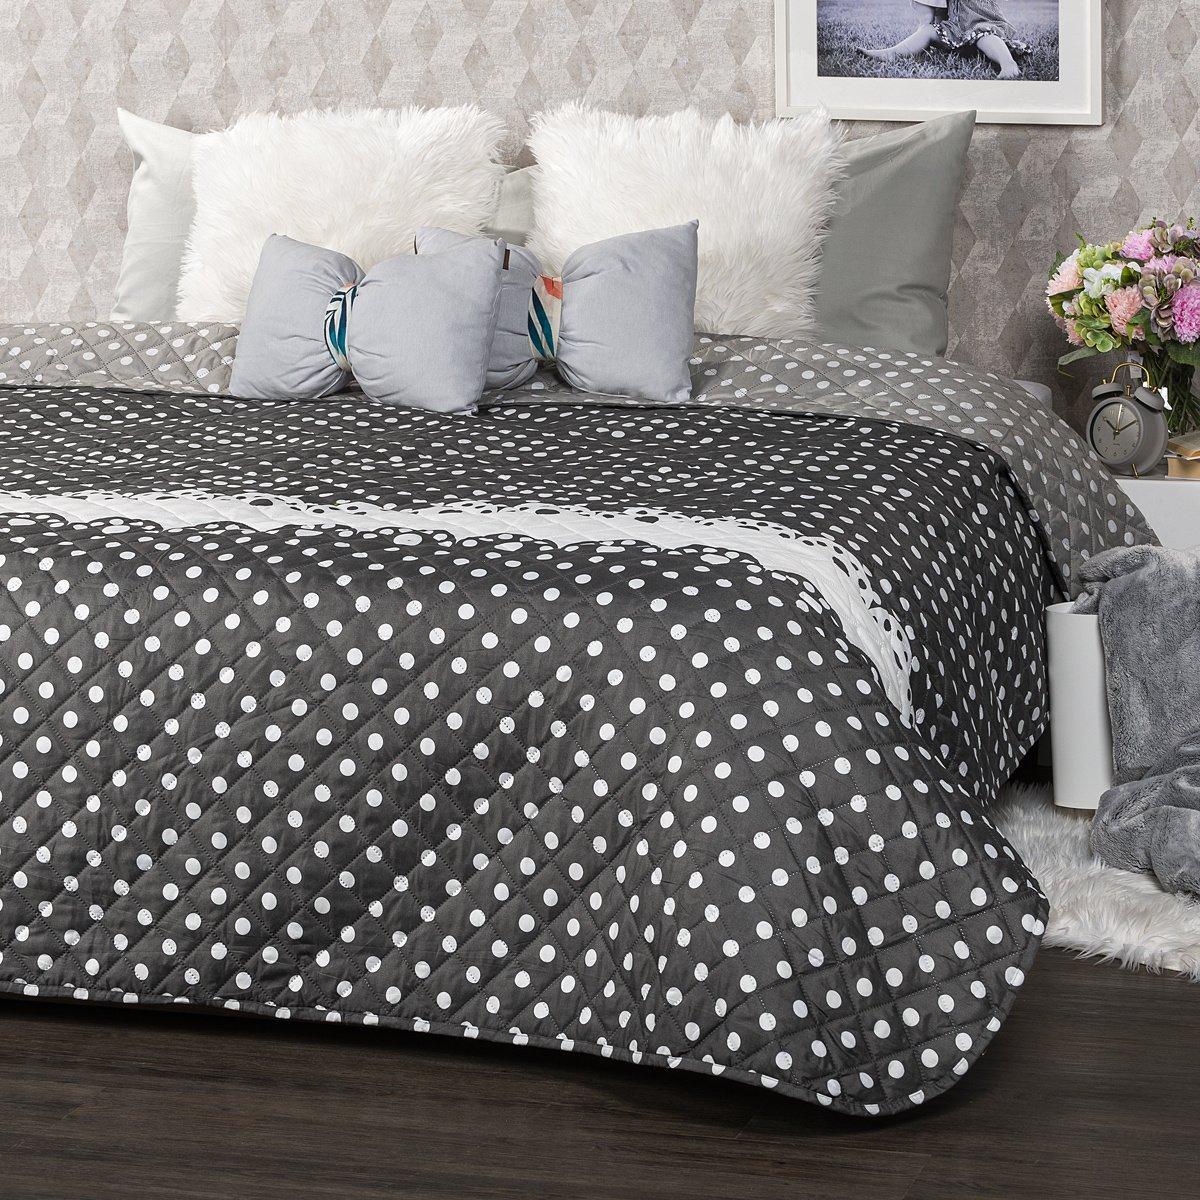 4Home Přehoz na postel Dots